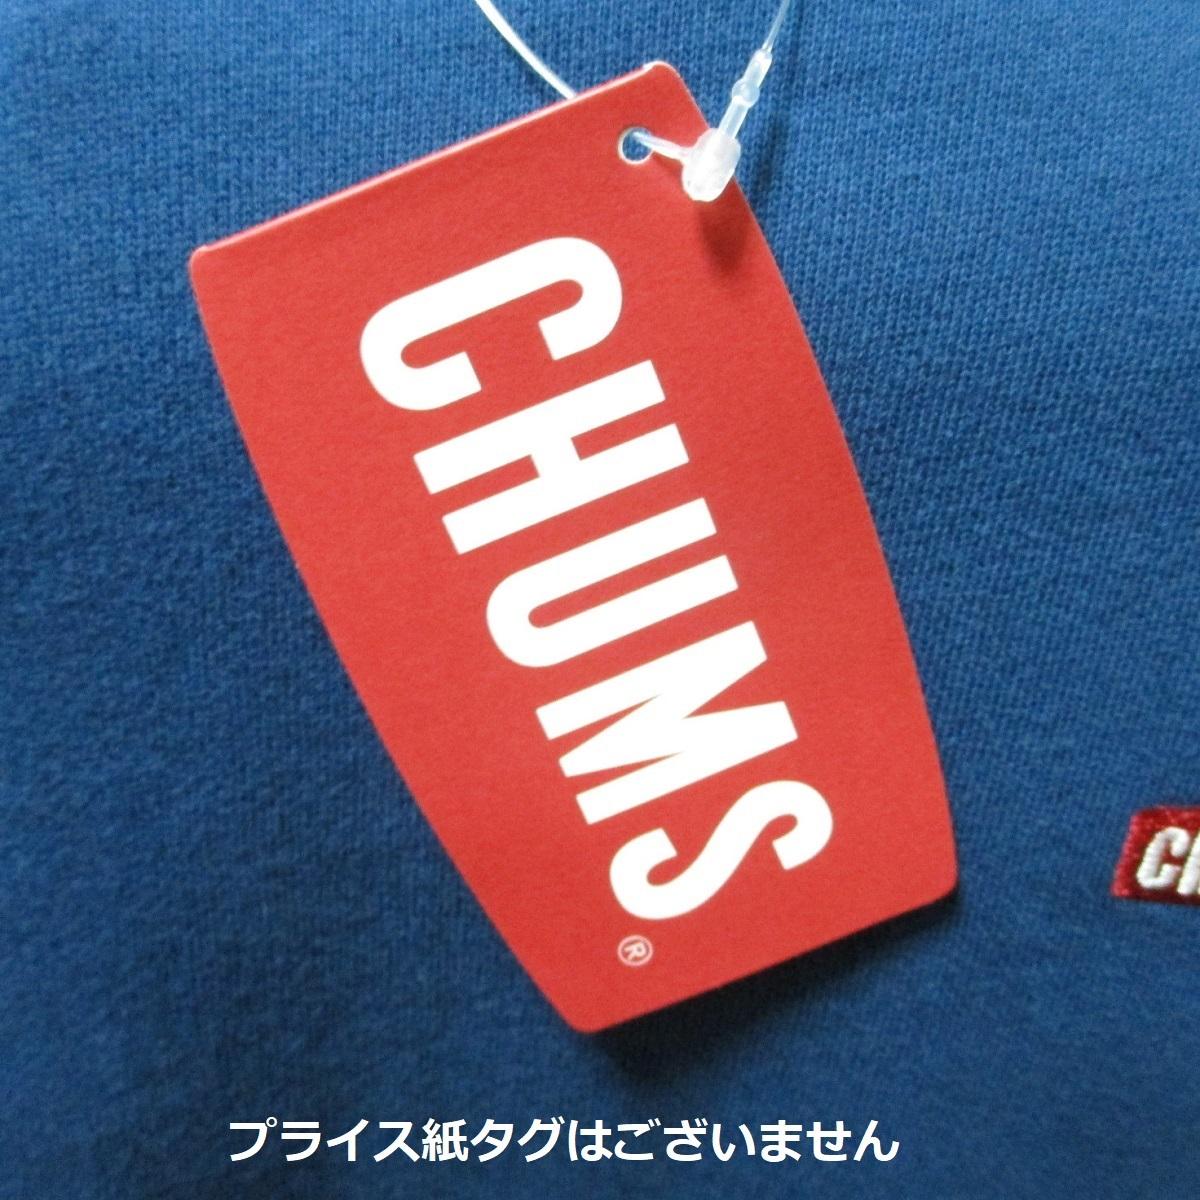 L ネイビー 新品 CHUMS チャムス ロゴ 刺繍 ビッグ ブービー Booby クルー トップ スウェット トレーナー 紺 未使用 7590円 春物 春先_画像7